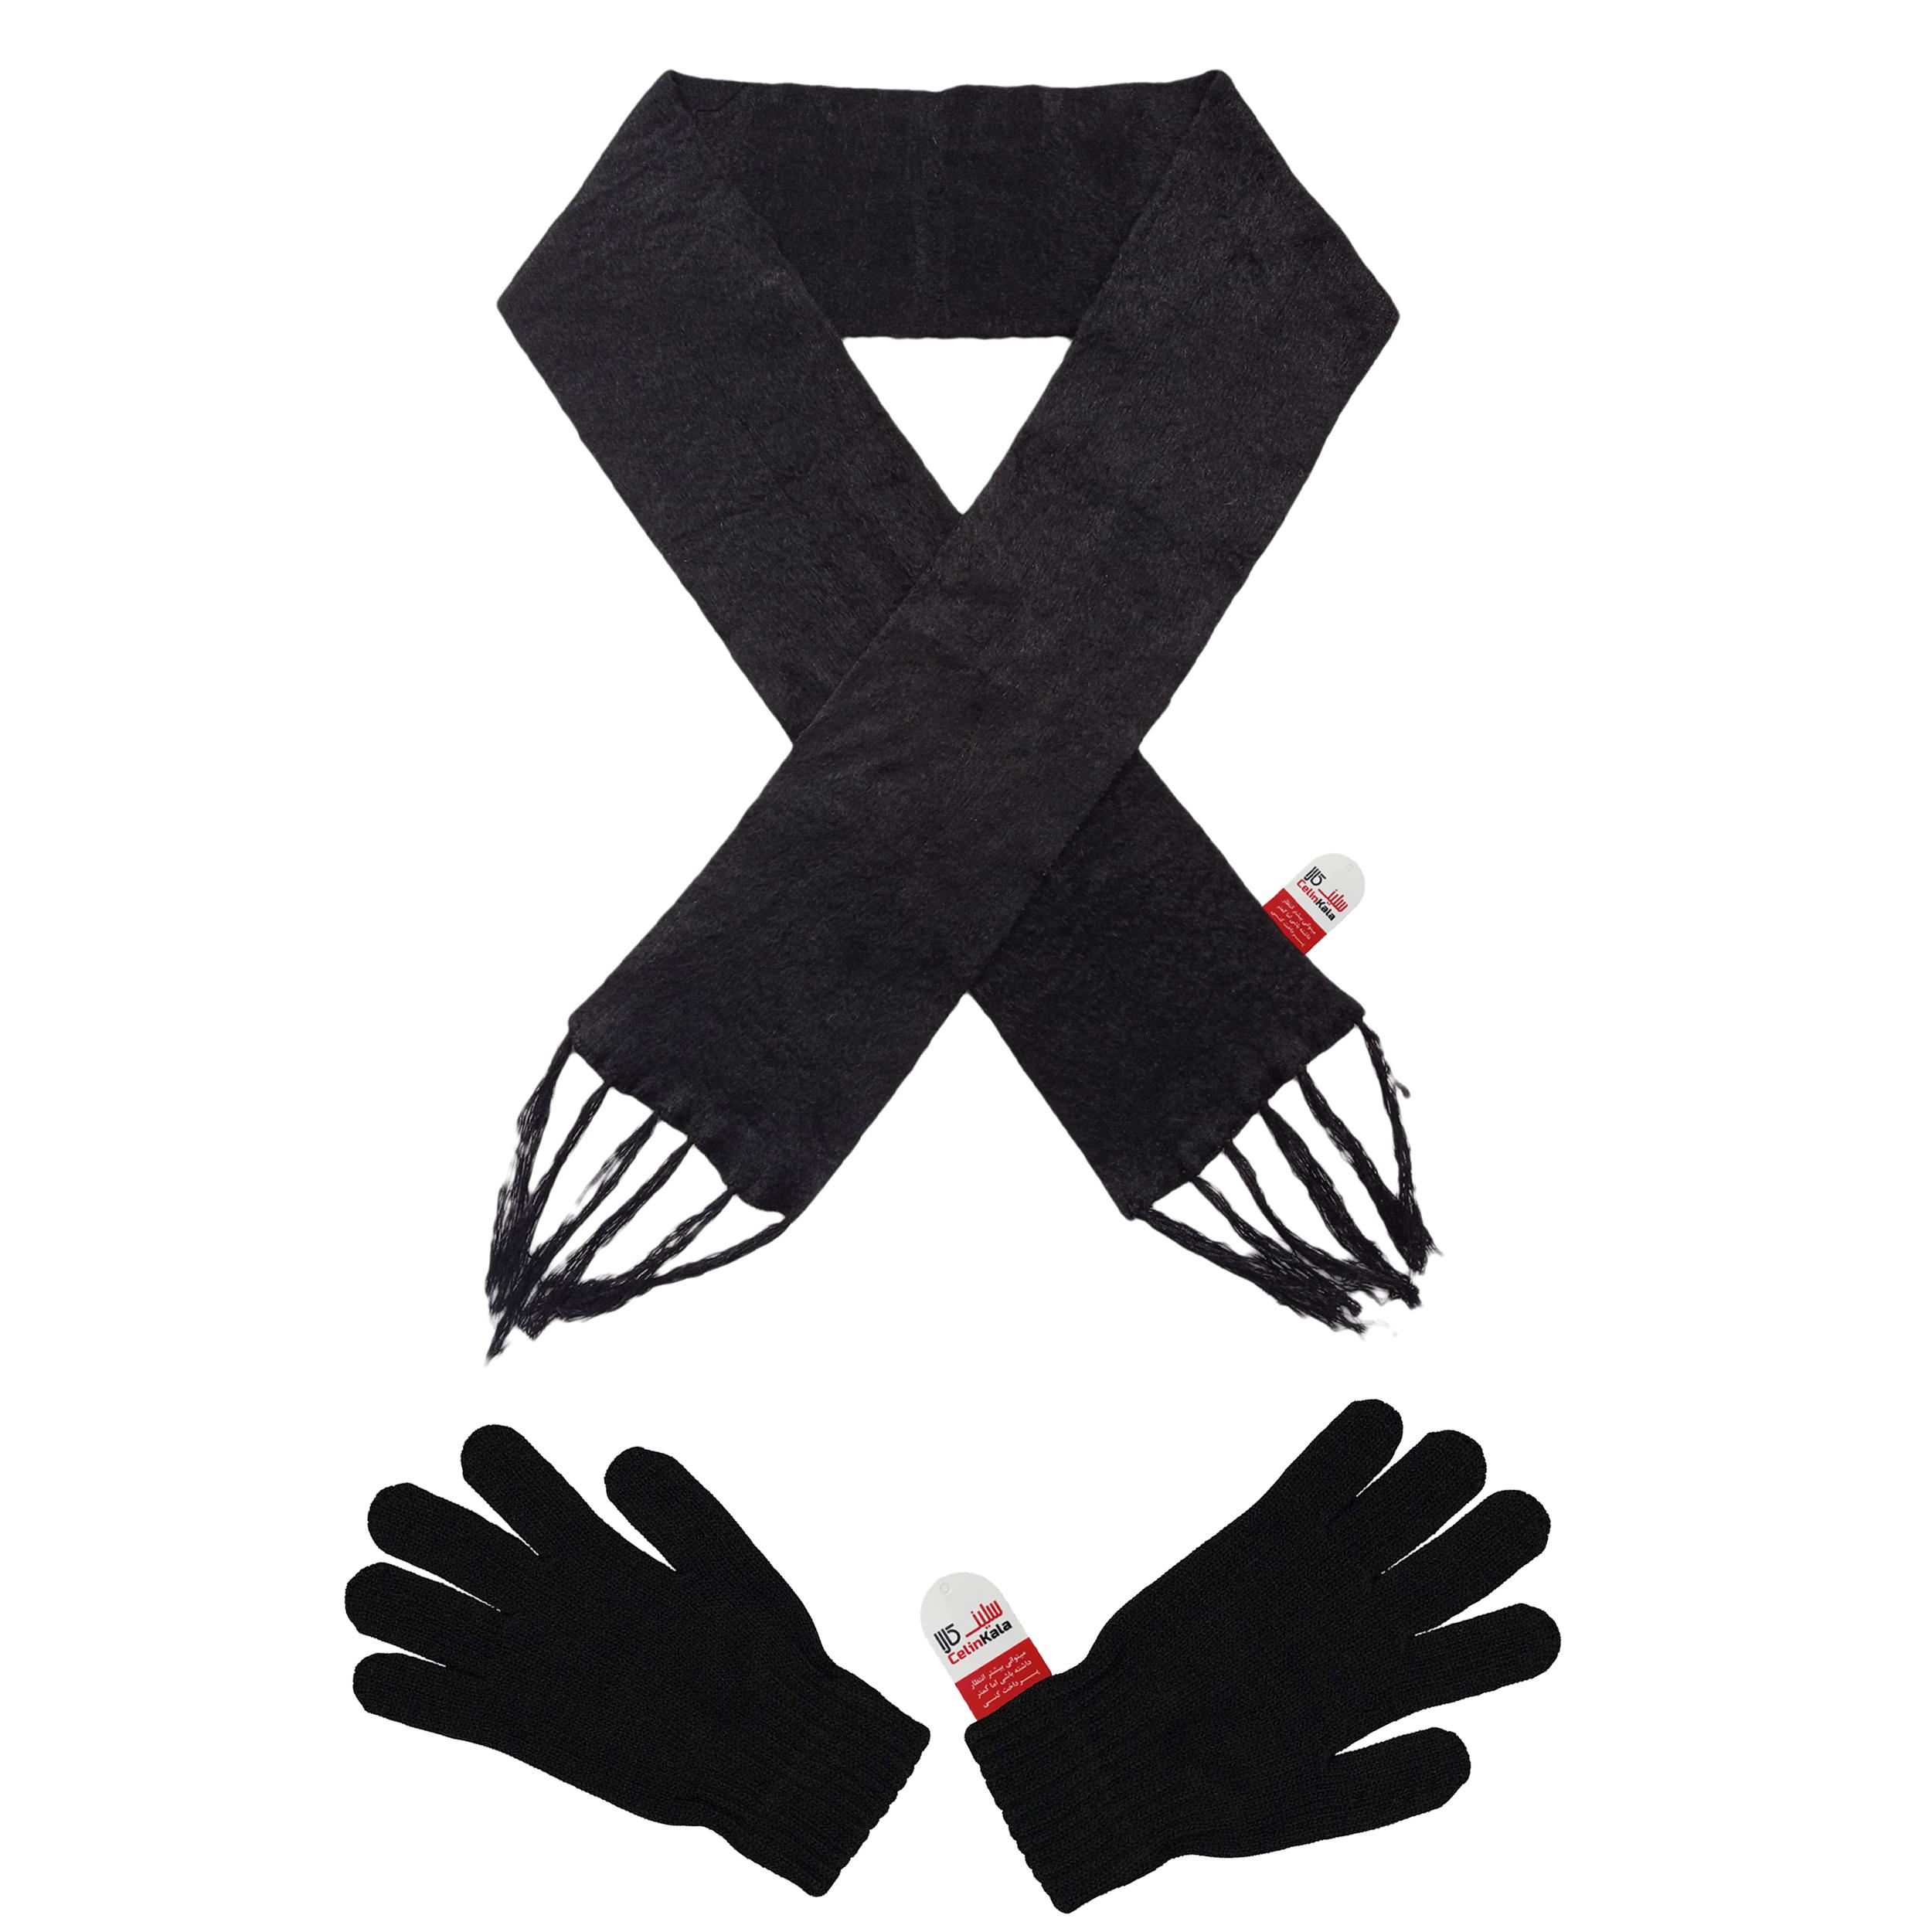 ست دستکش و شال گردن بافتنی سلین کالا مدل ce-wa9